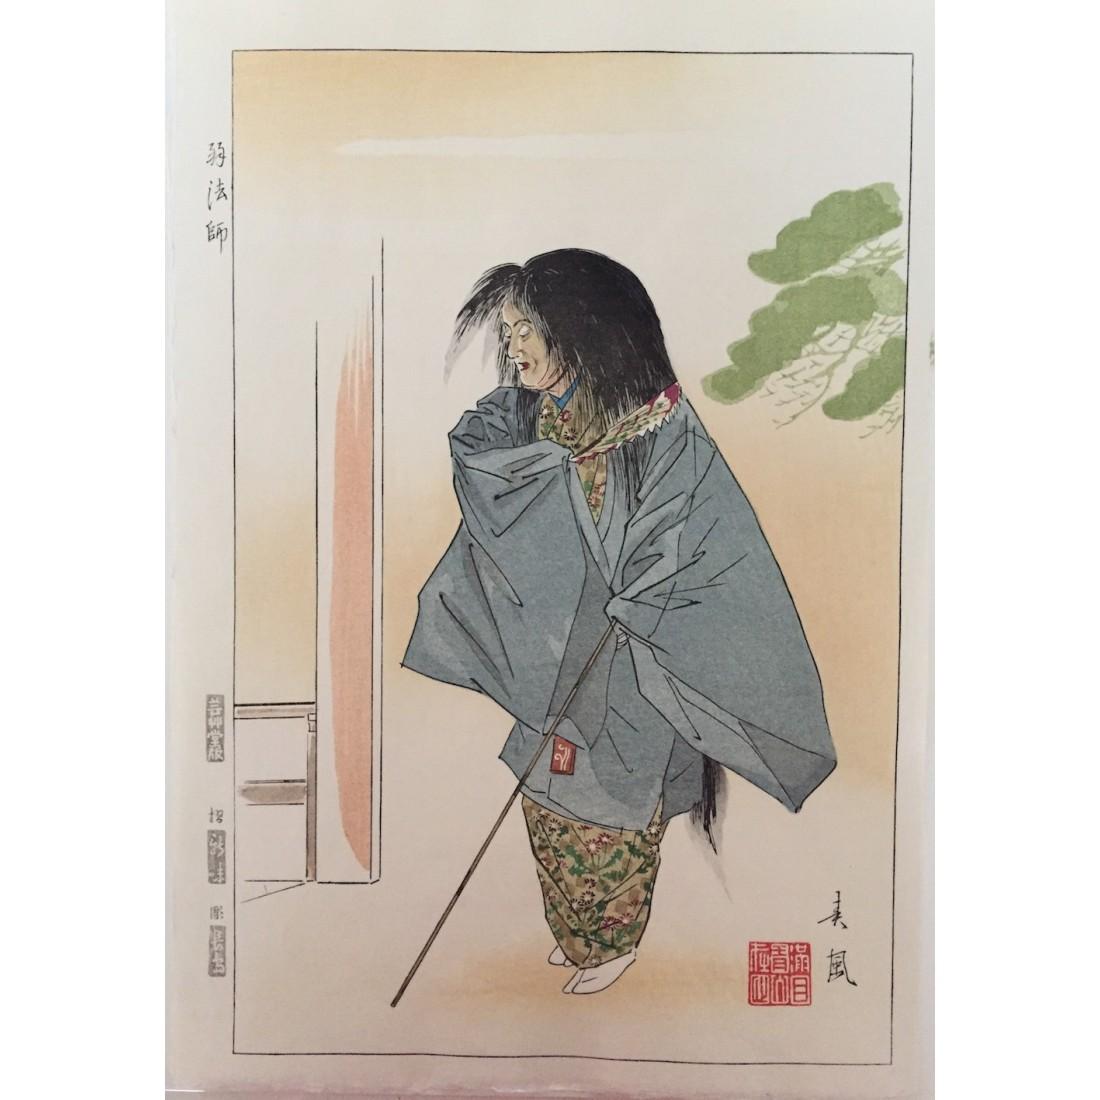 Yoroboshi